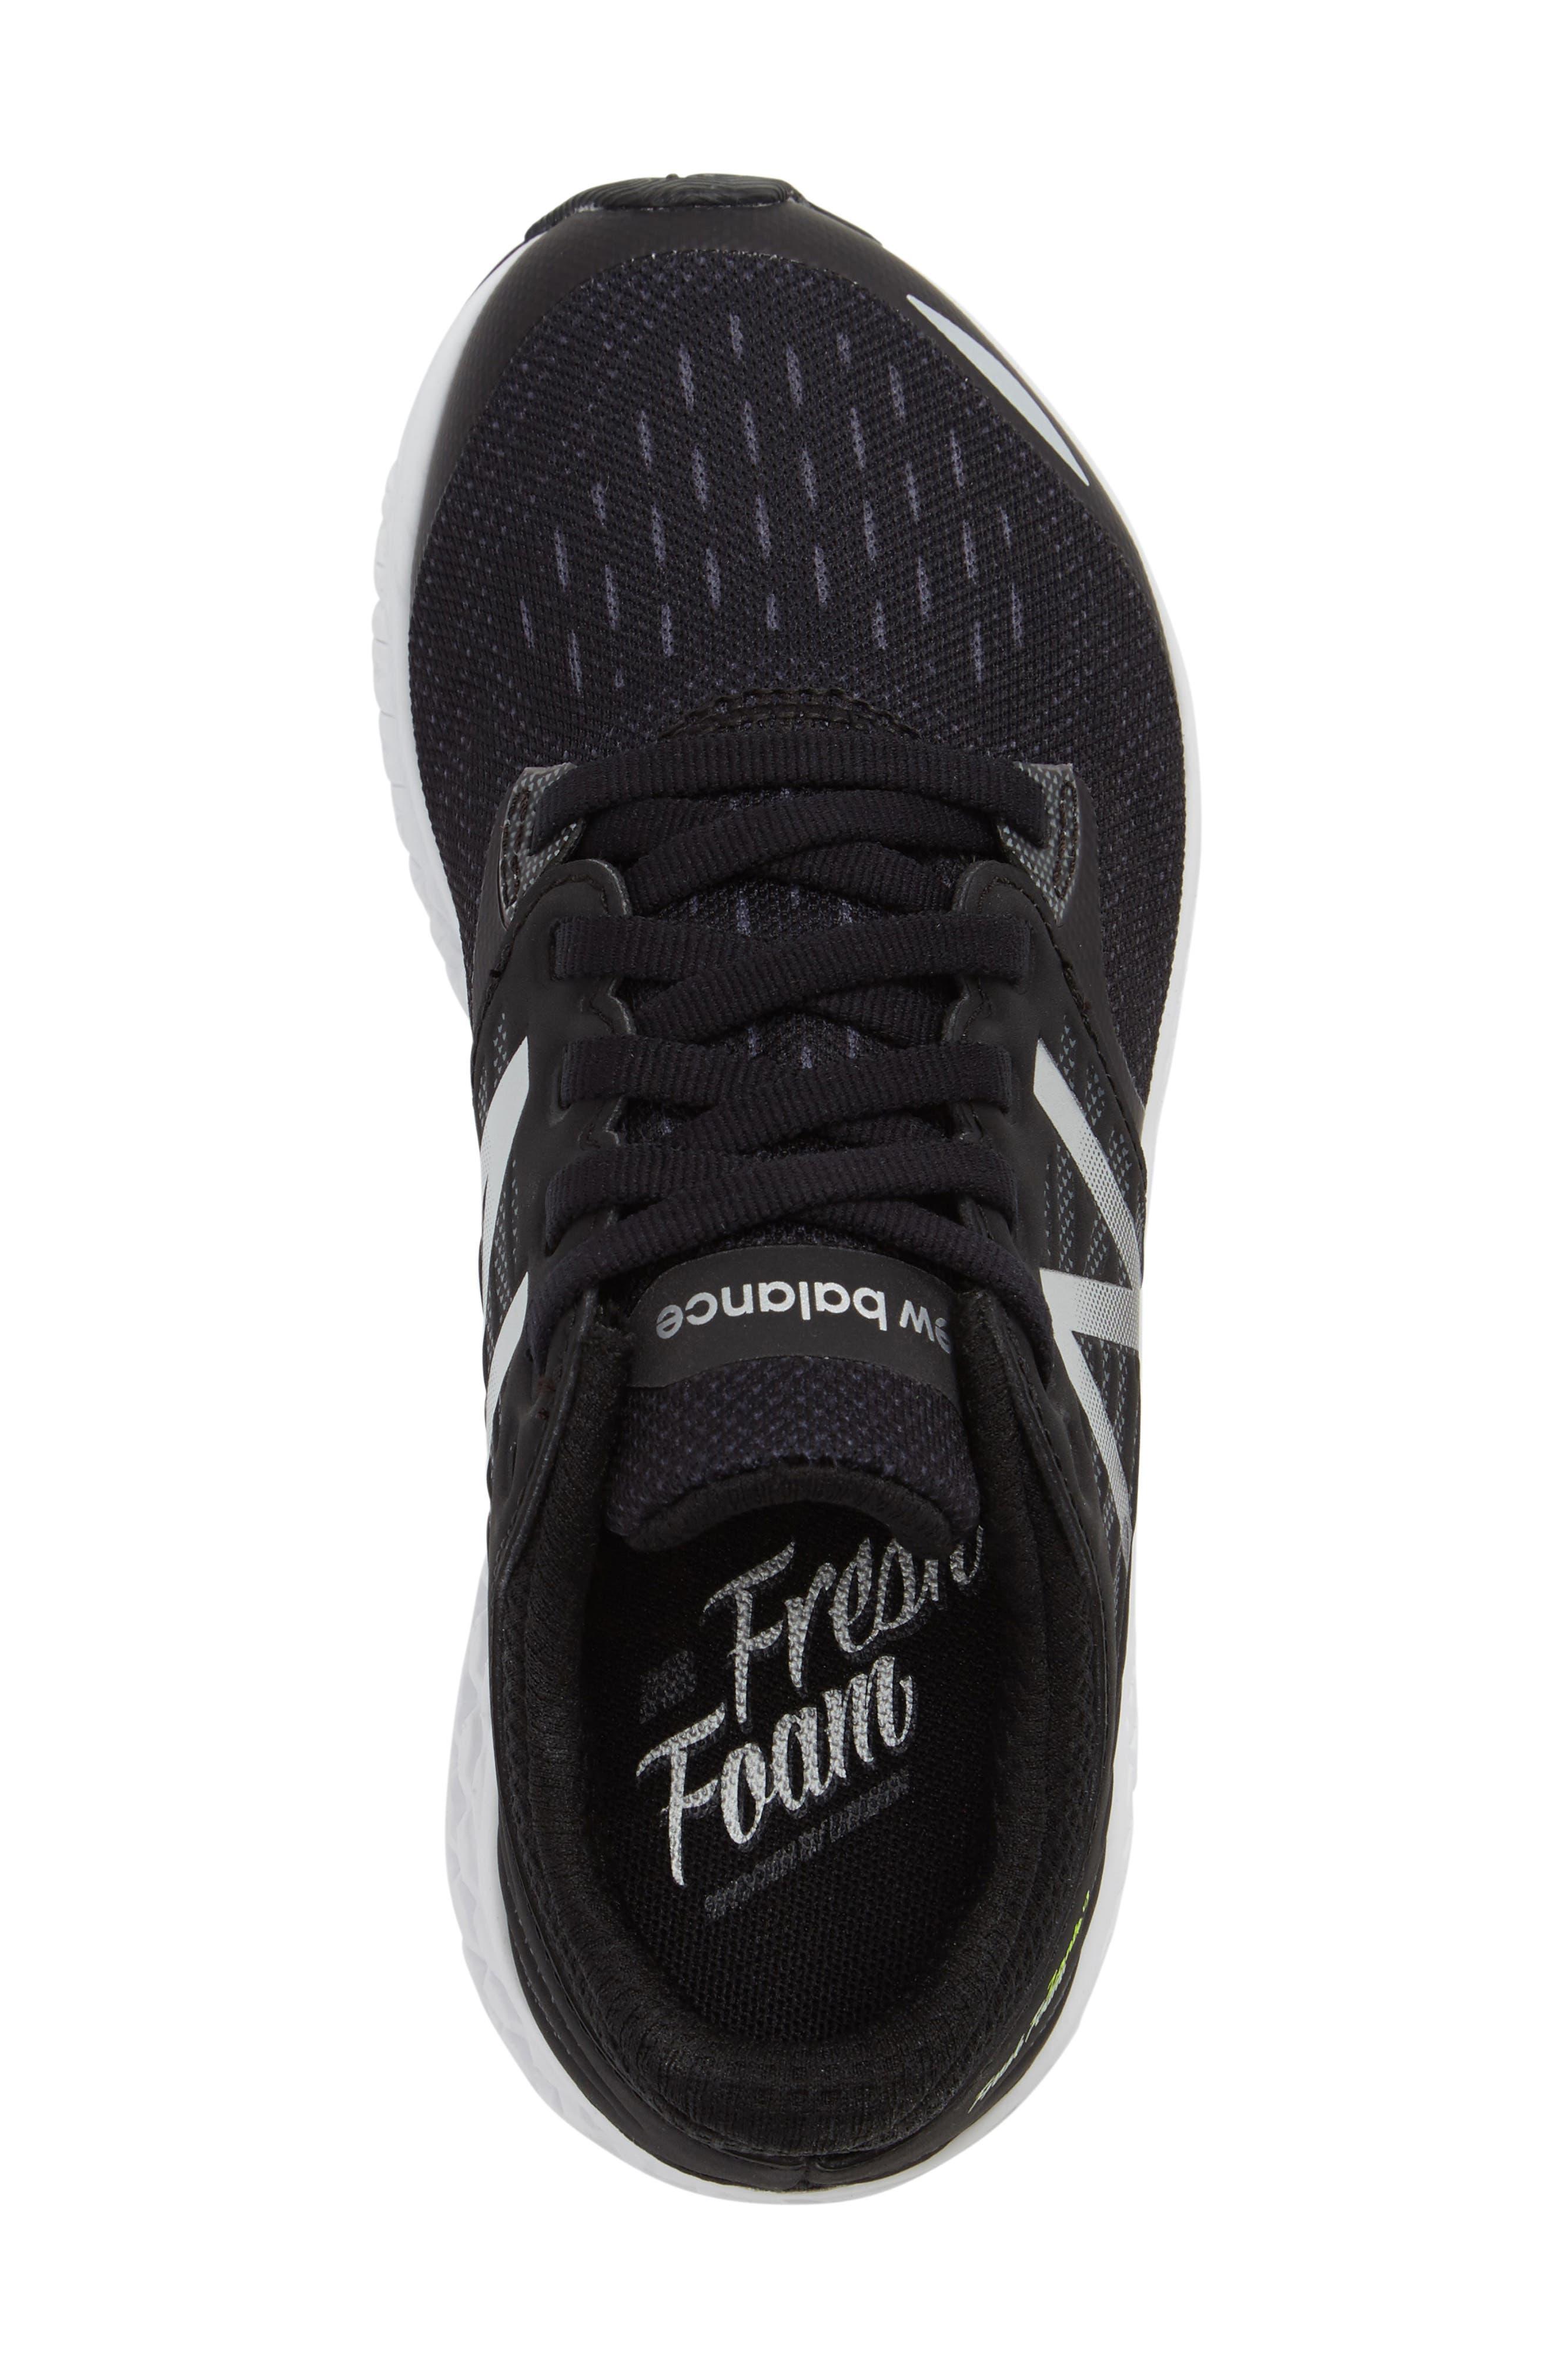 Fresh Foam Sneaker,                             Alternate thumbnail 3, color,                             001